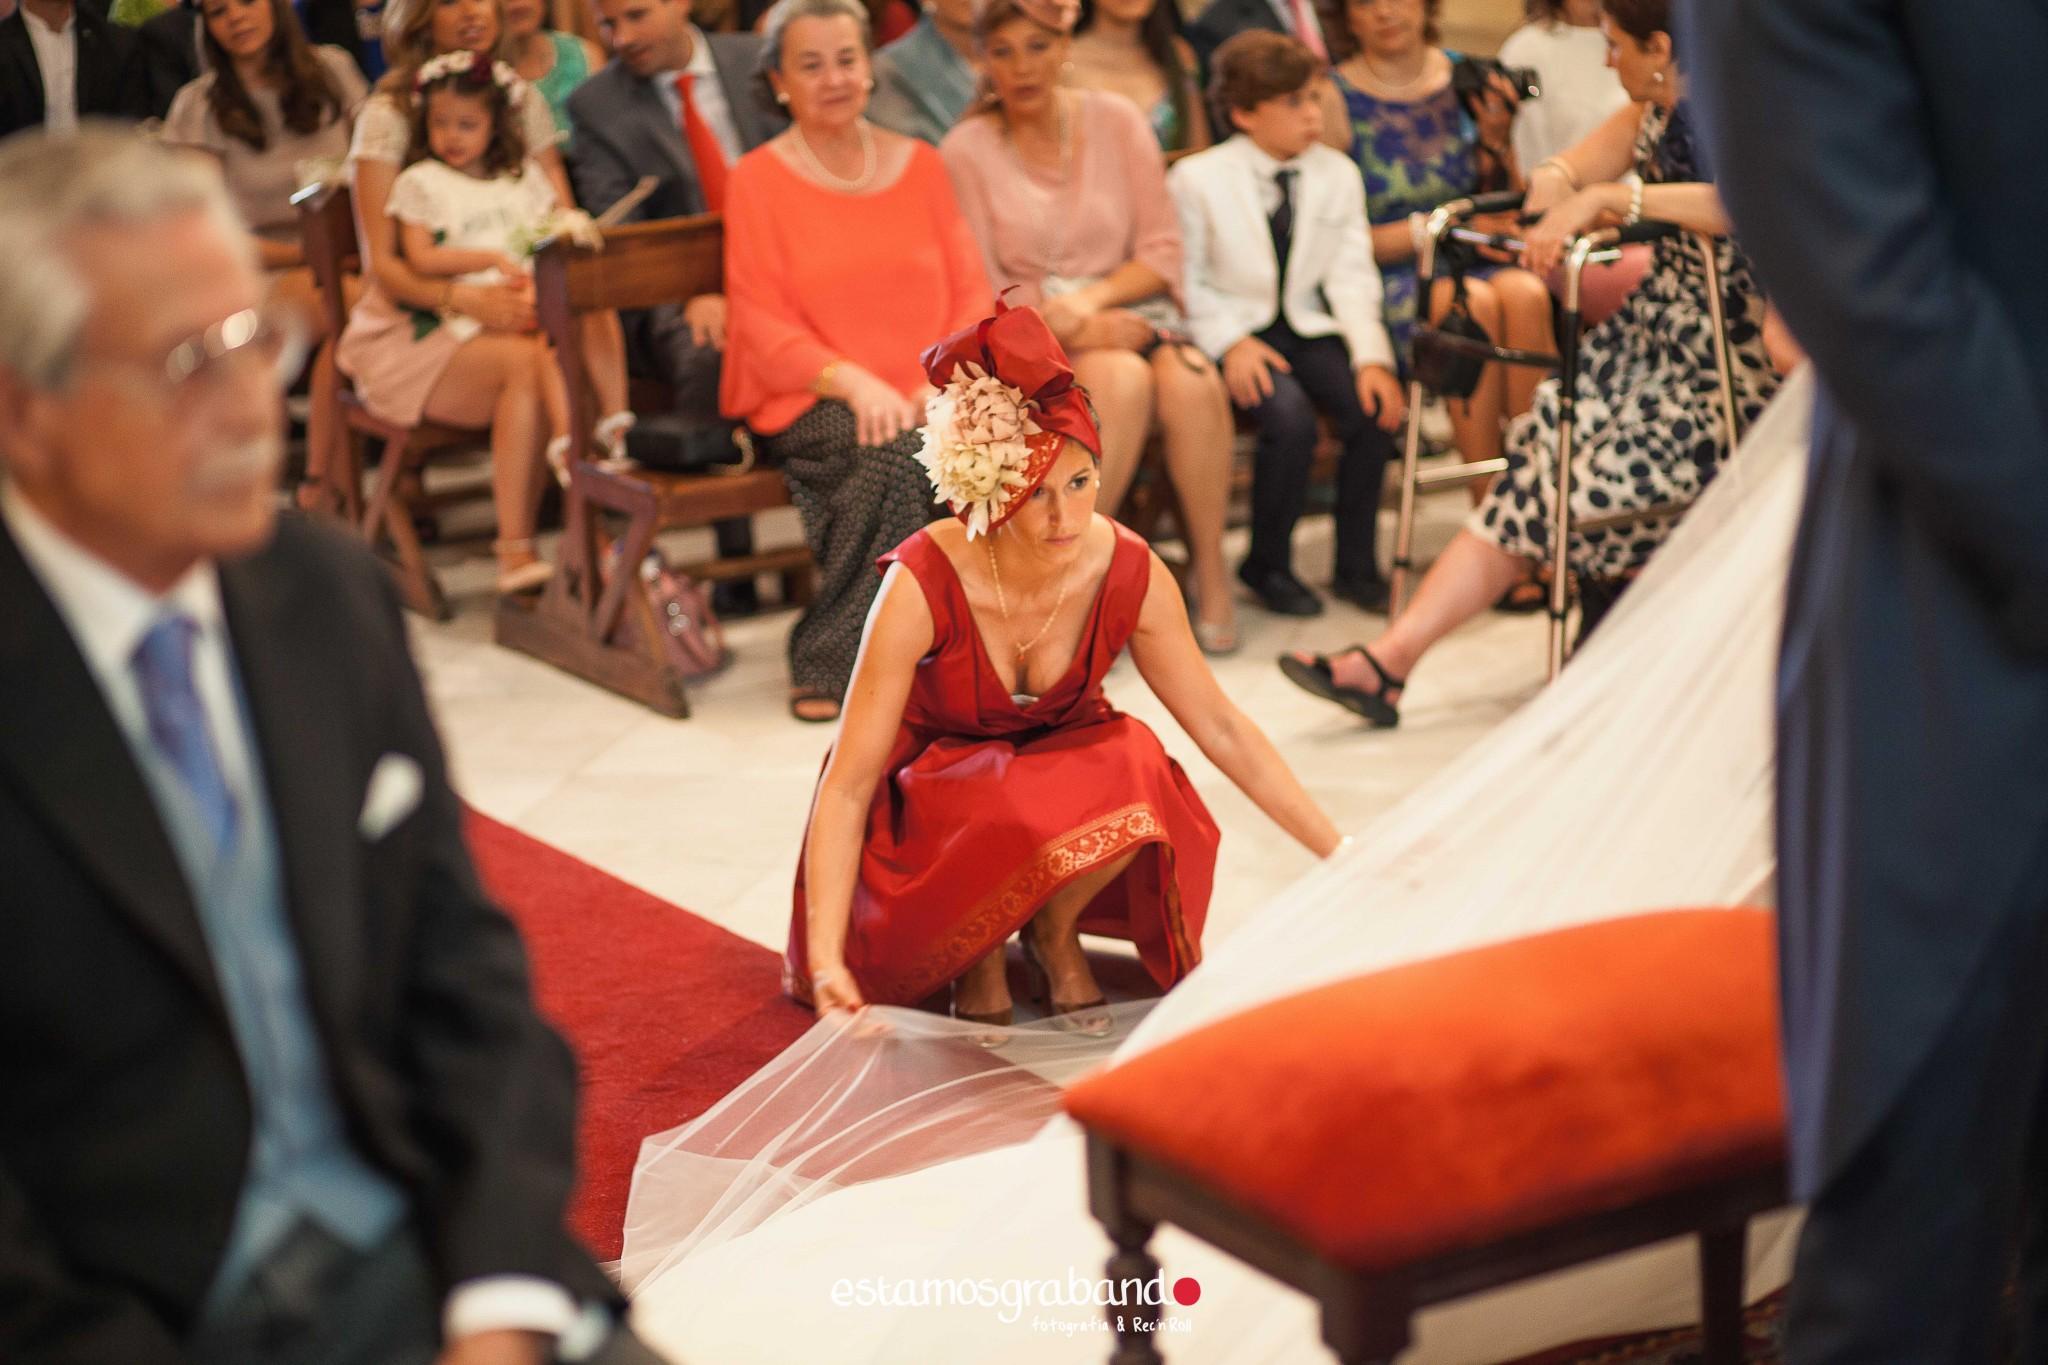 fotografo-de-bodas-jerez_mari-paz-jaime_bodegas-tradiciocc81n-34 32 escalones [Fotografía de bodas Jerez_Mari Paz & Jaime] - video boda cadiz